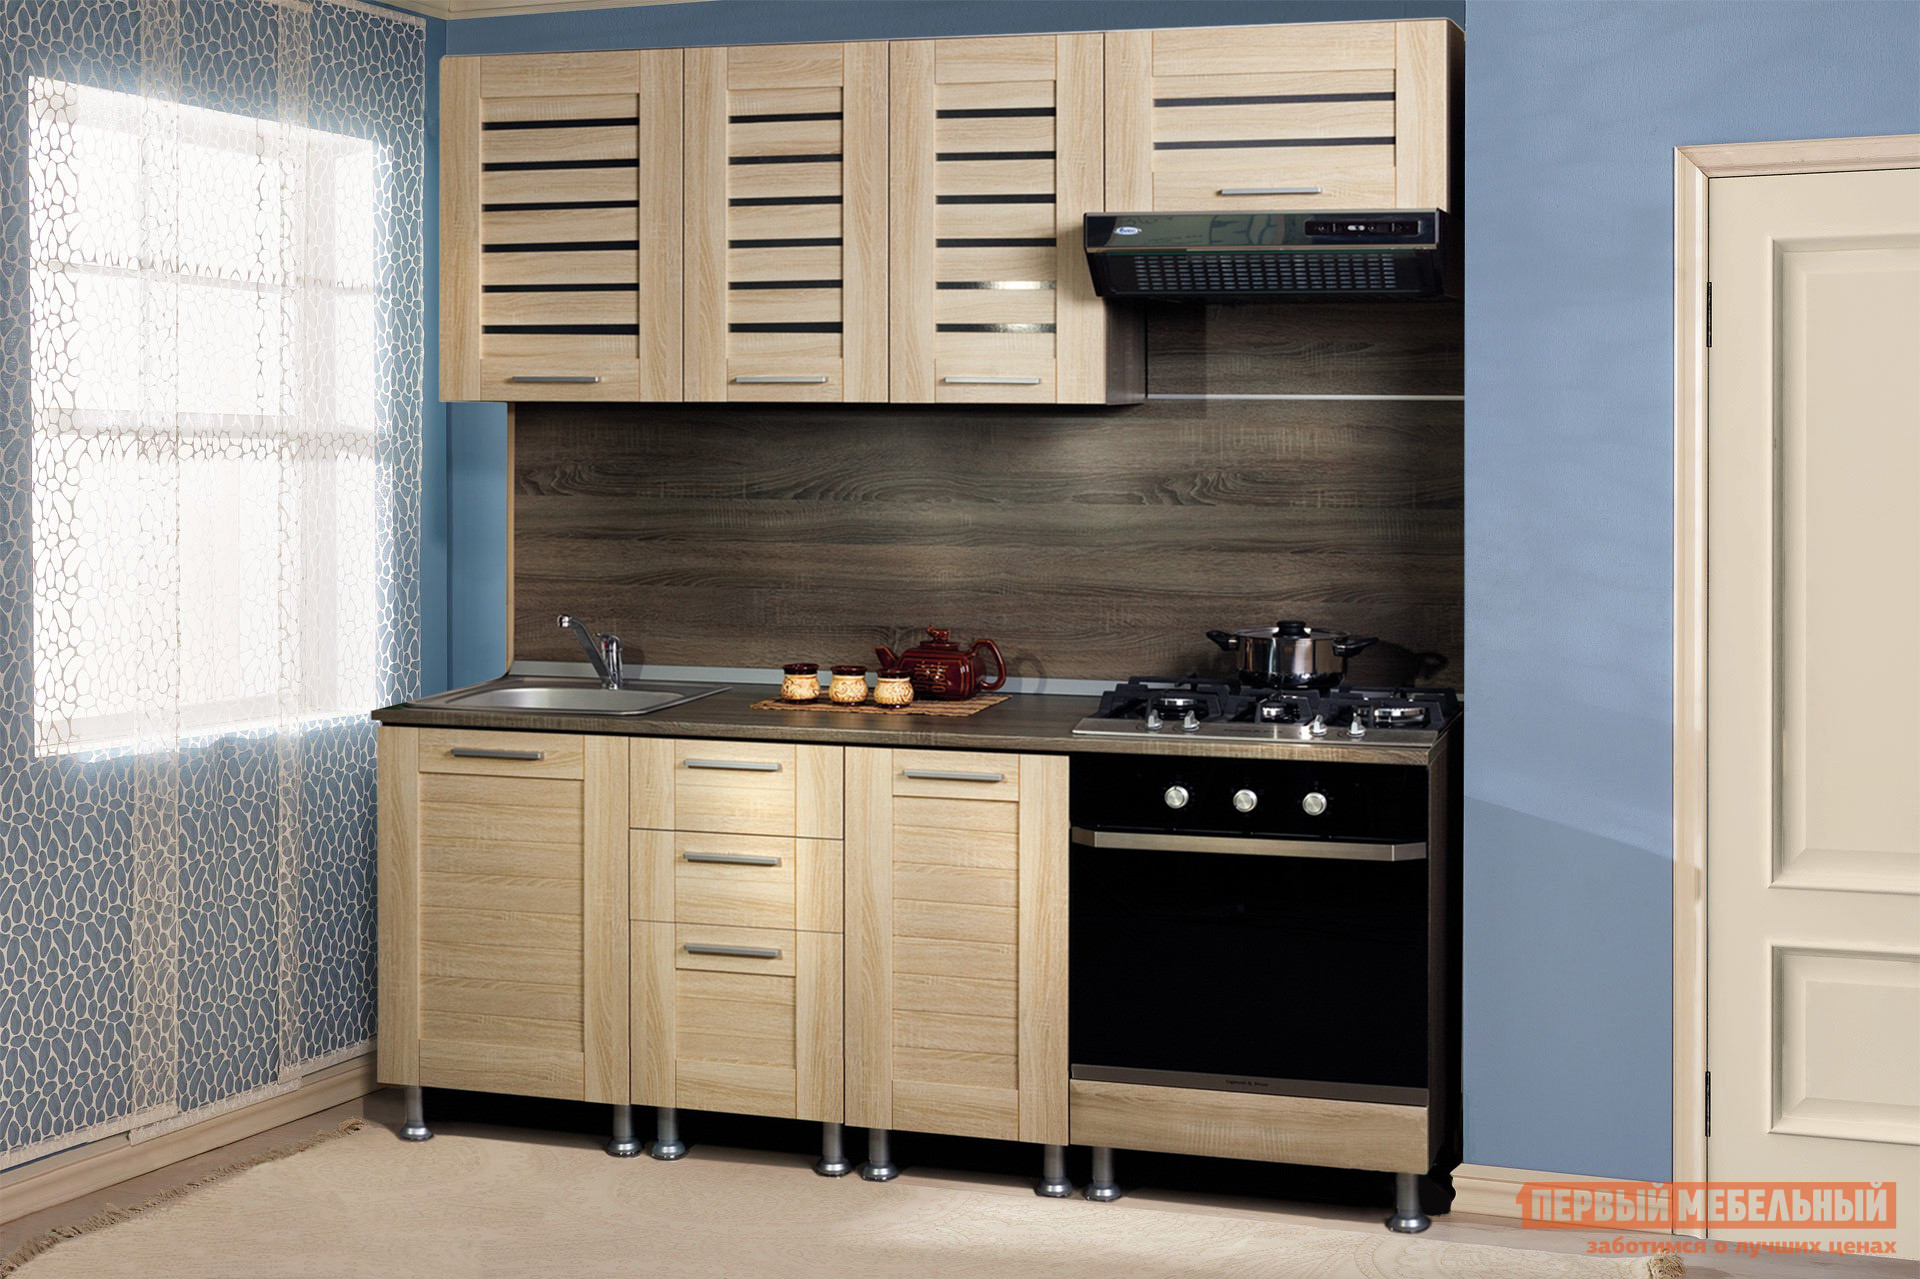 Кухонный гарнитур Любимый дом Анастасия 190 см Сонома кухонный гарнитур трия оливия 240 см